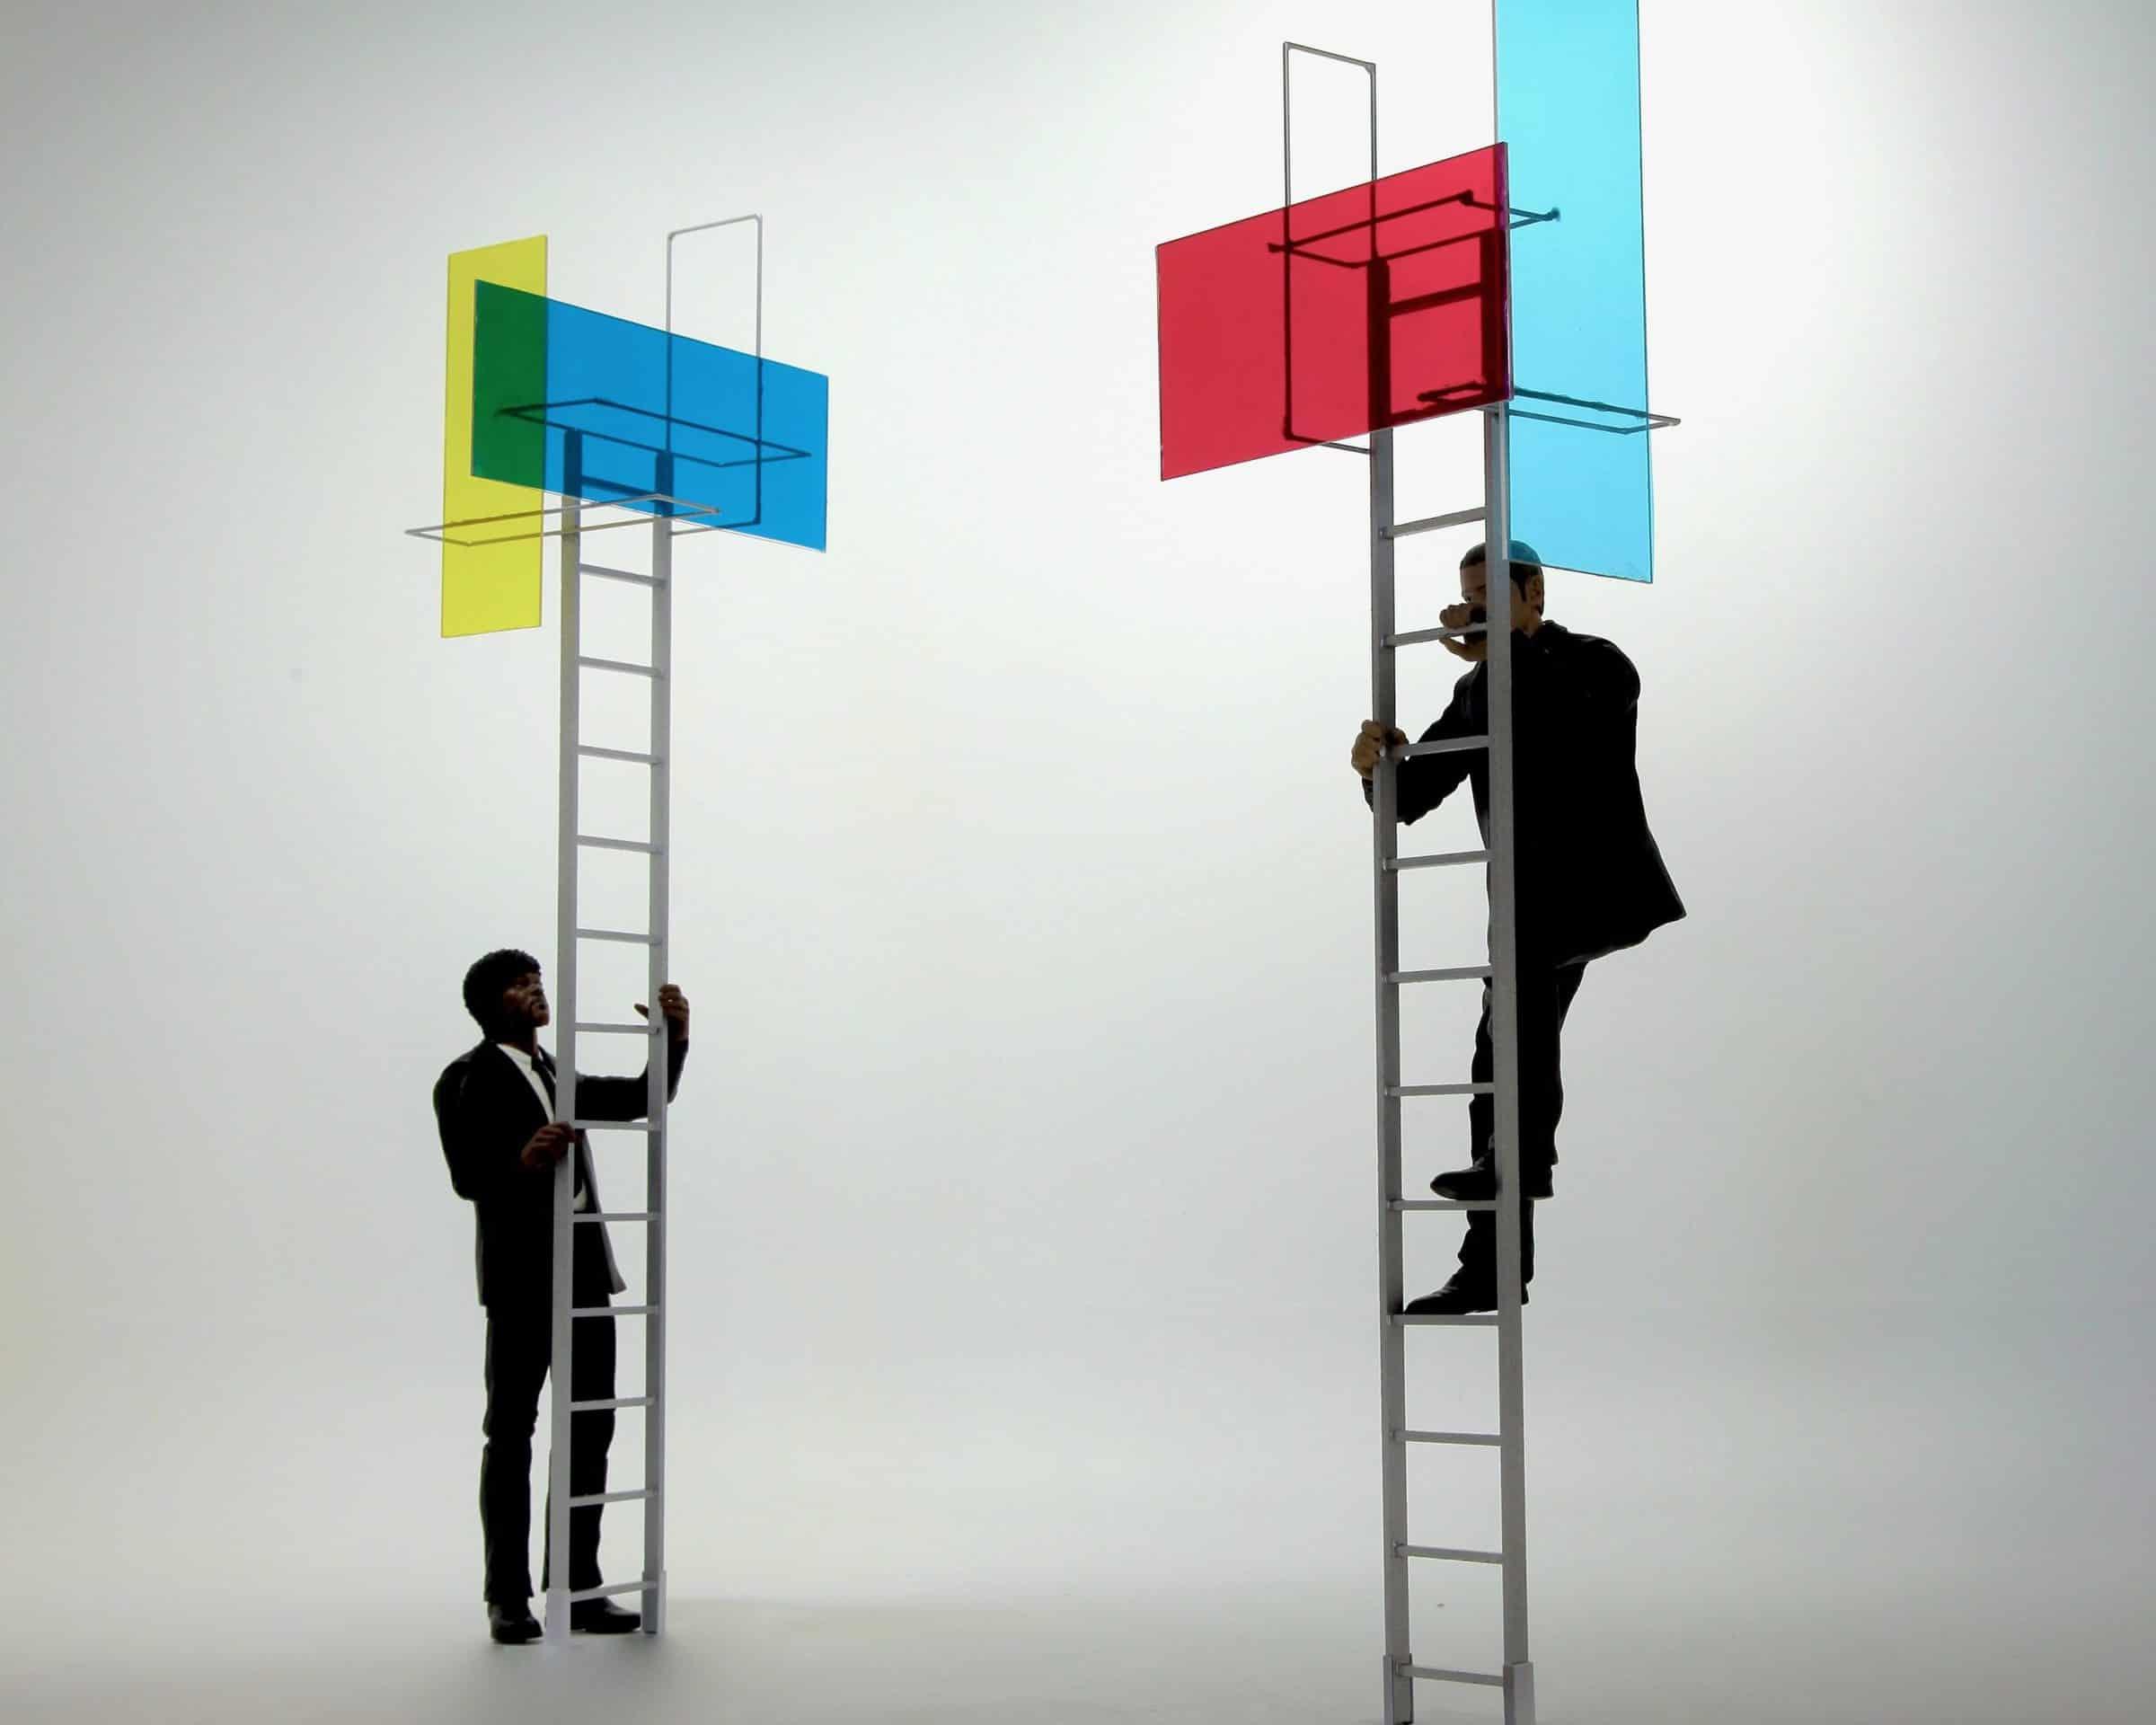 Mannen op trap - gekleurde schermen - Aldo Brinkhoff